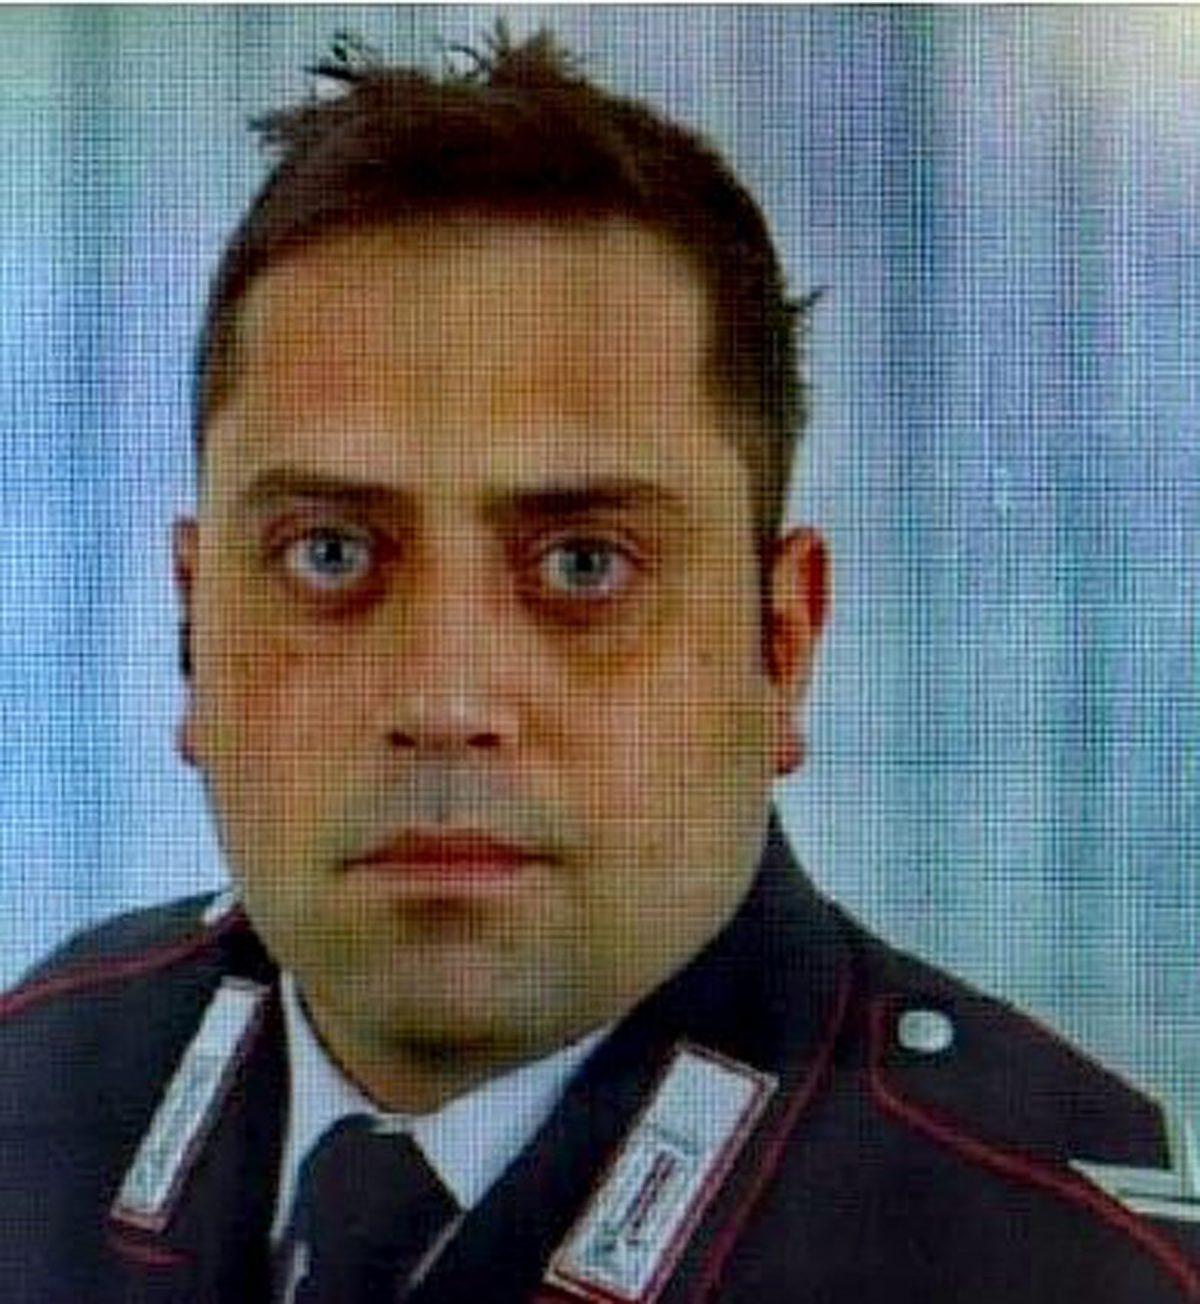 Police officer Mario Cerciello Rega